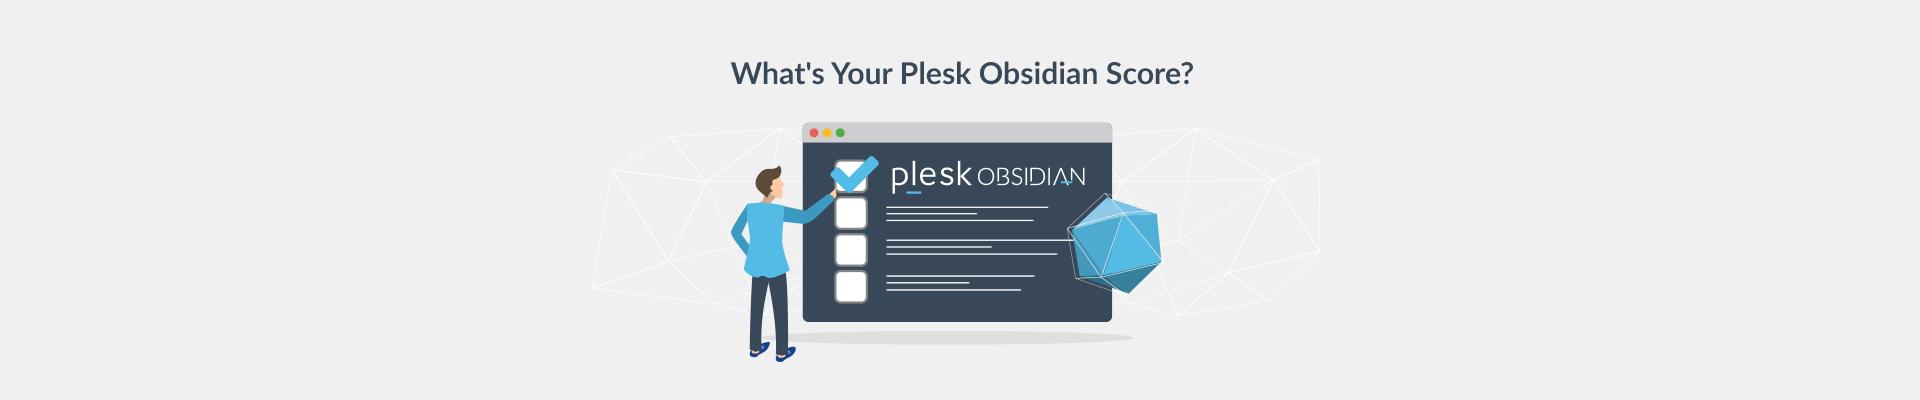 Get Your Plesk Obsidian Score - Plesk